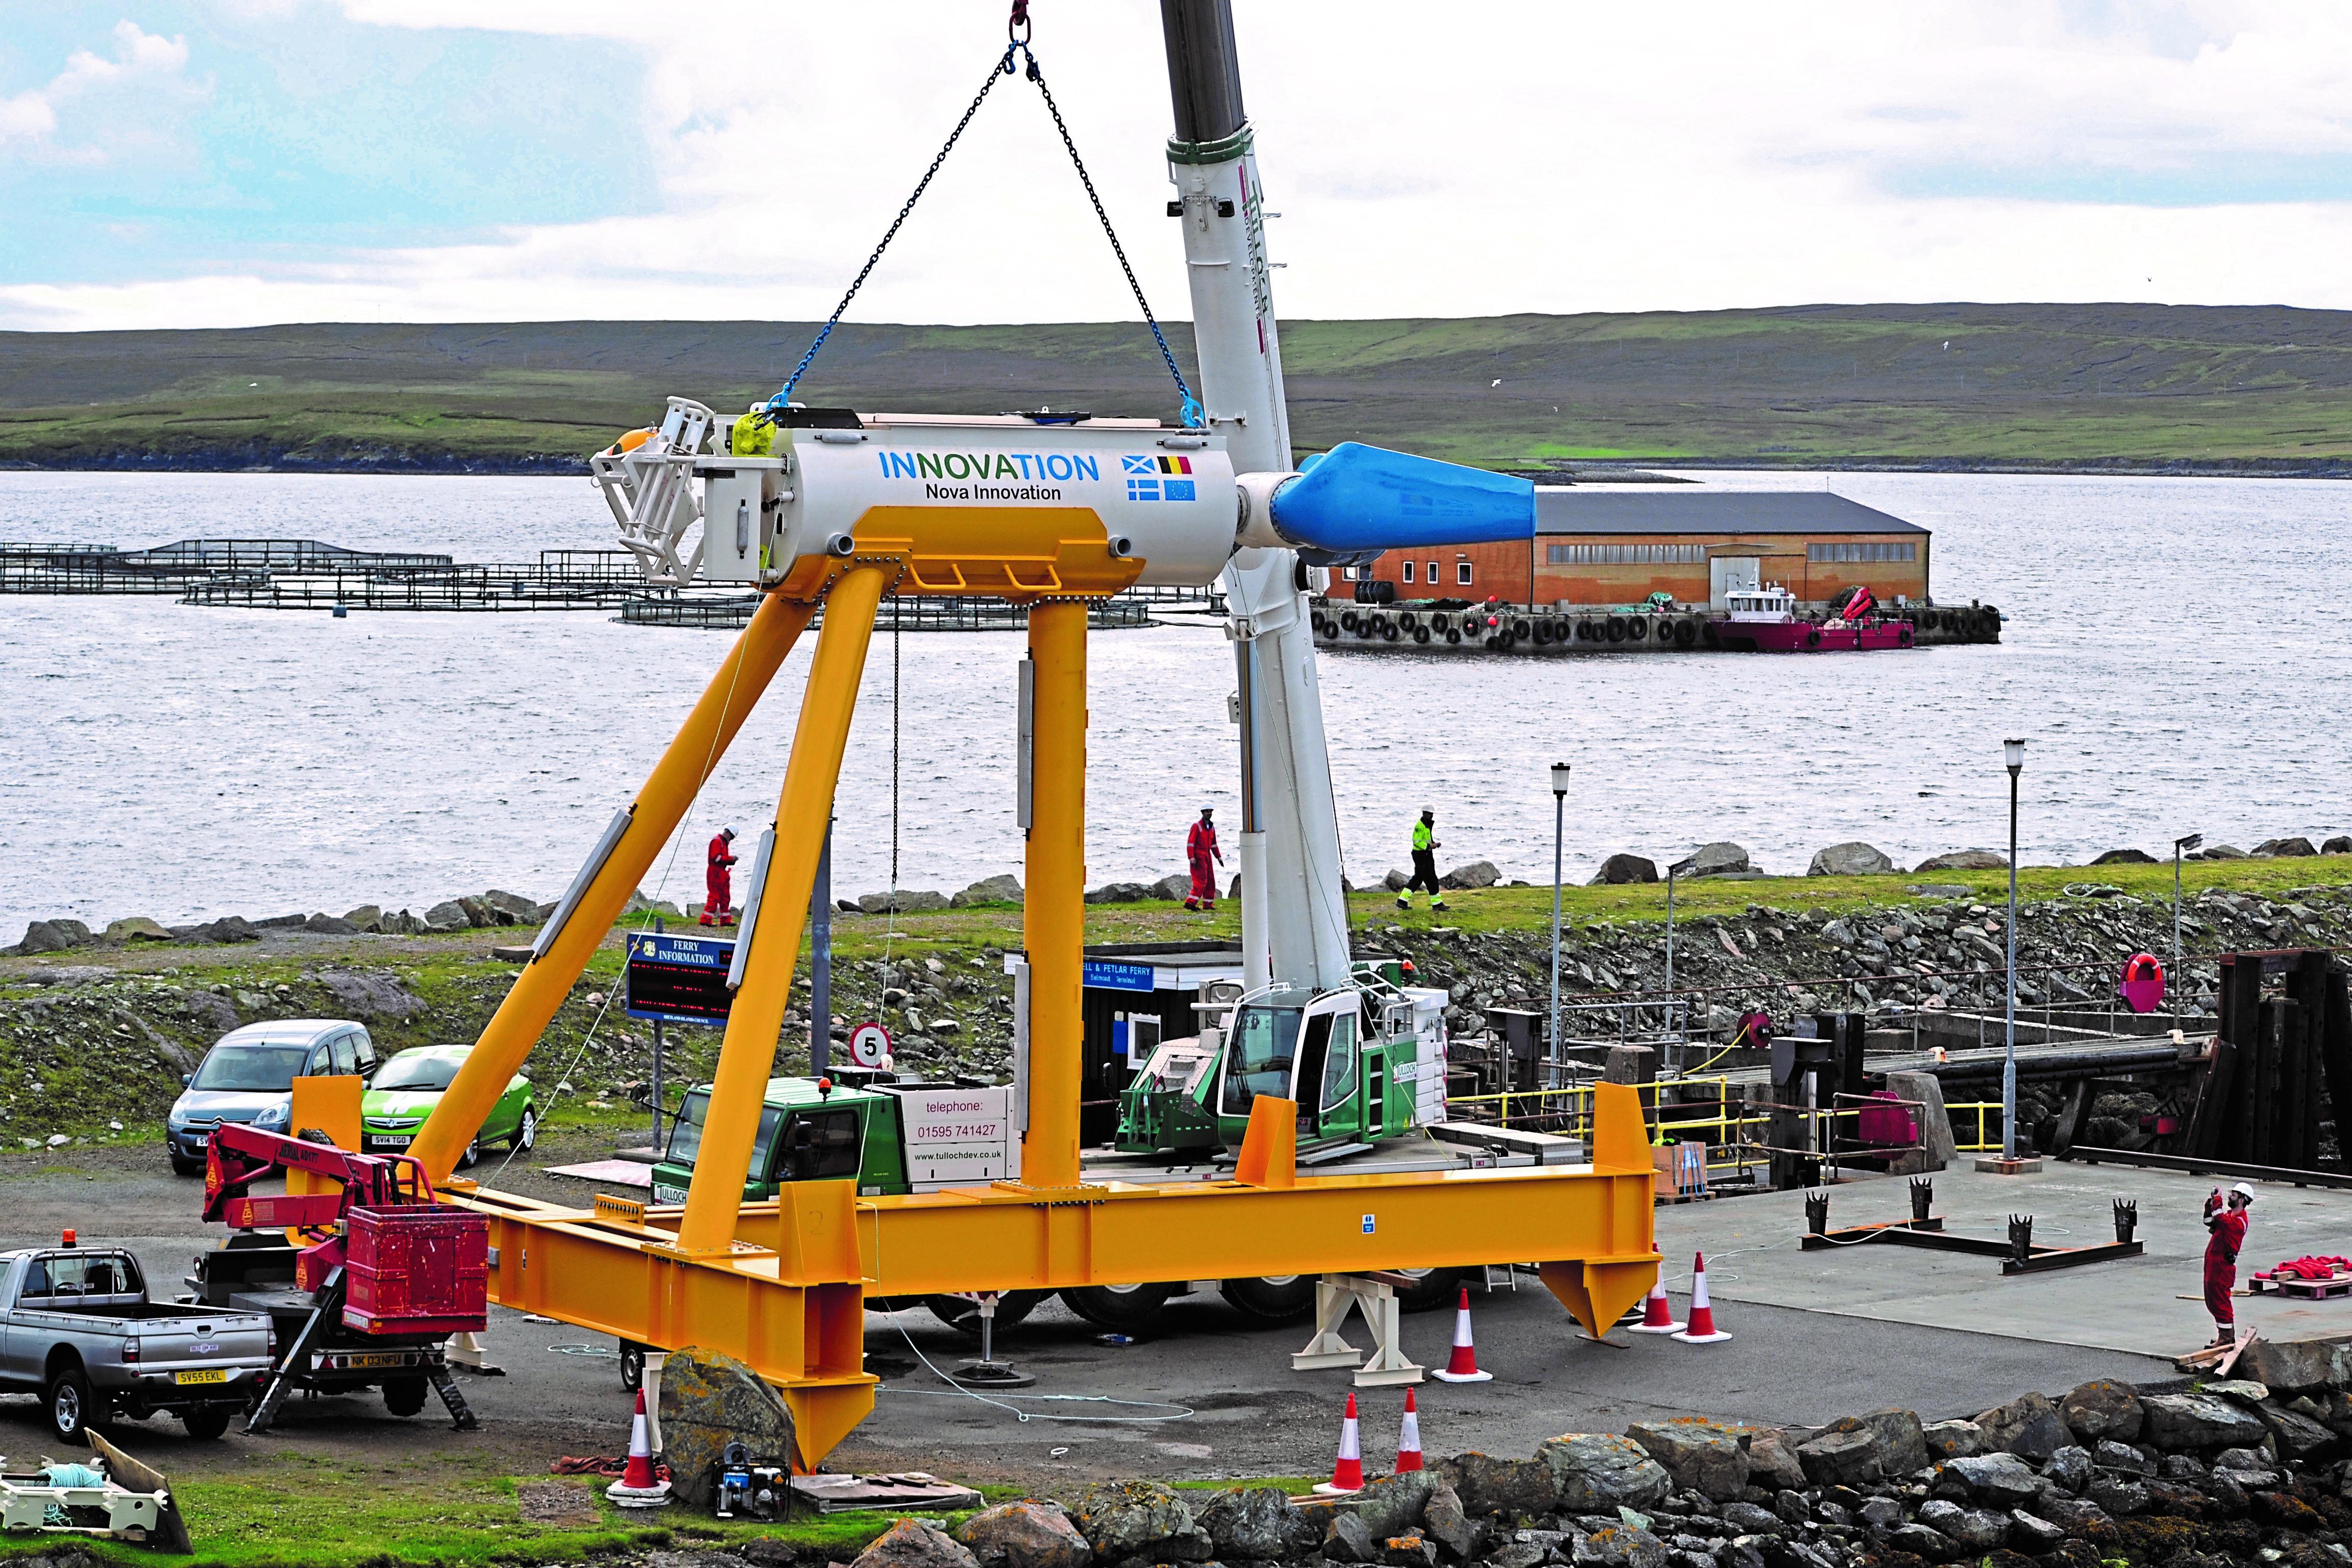 Nova Innovation tidal power